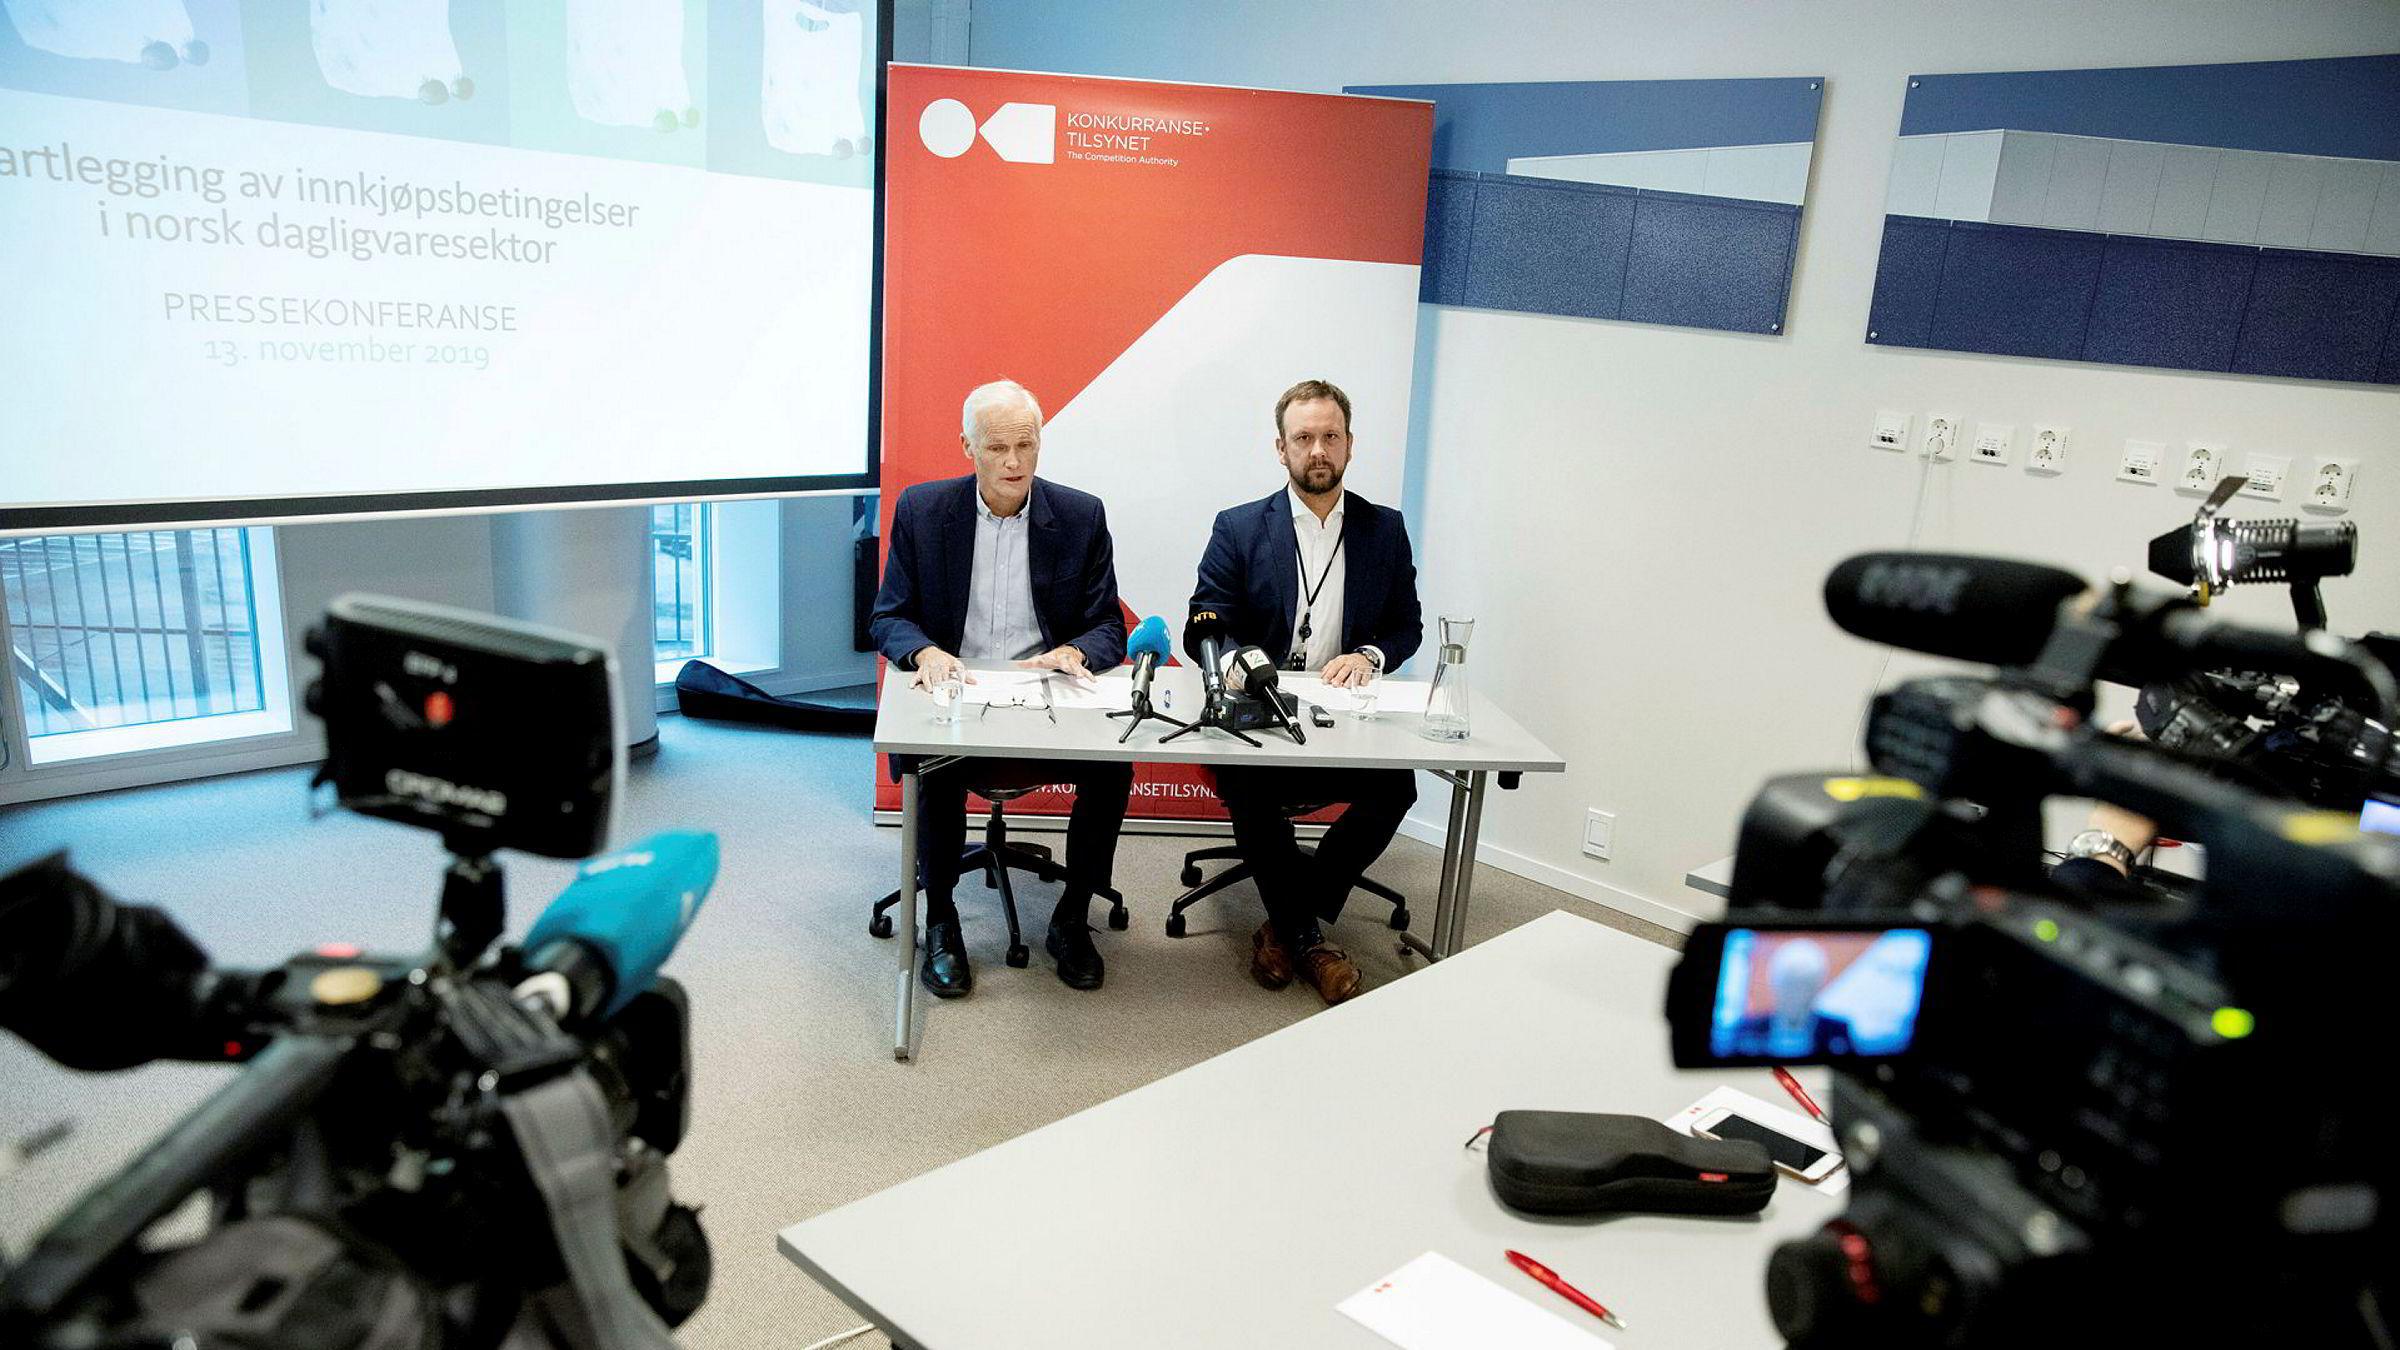 Konkurransedirektør Lars Sørgard (til venstre) og Sigurd Birkeland, leder for Prosjekt Dagligvare, avholdt pressekonferanse onsdag, etter tirsdagens razziaer mot flere dagligvareaktører.